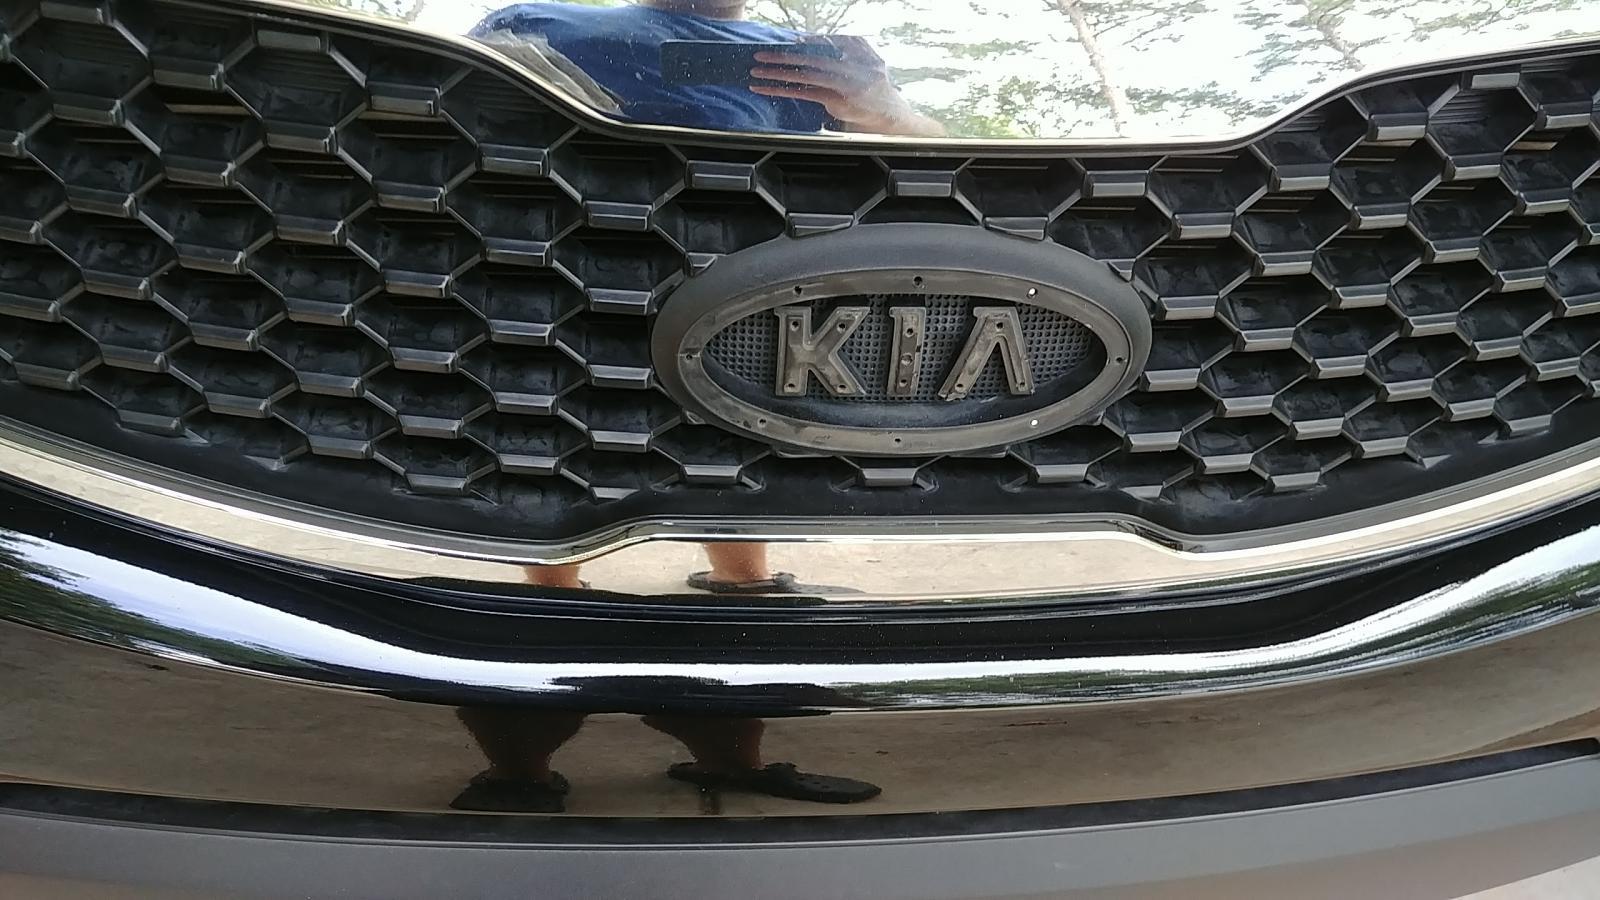 Kia Sorento: Replacement